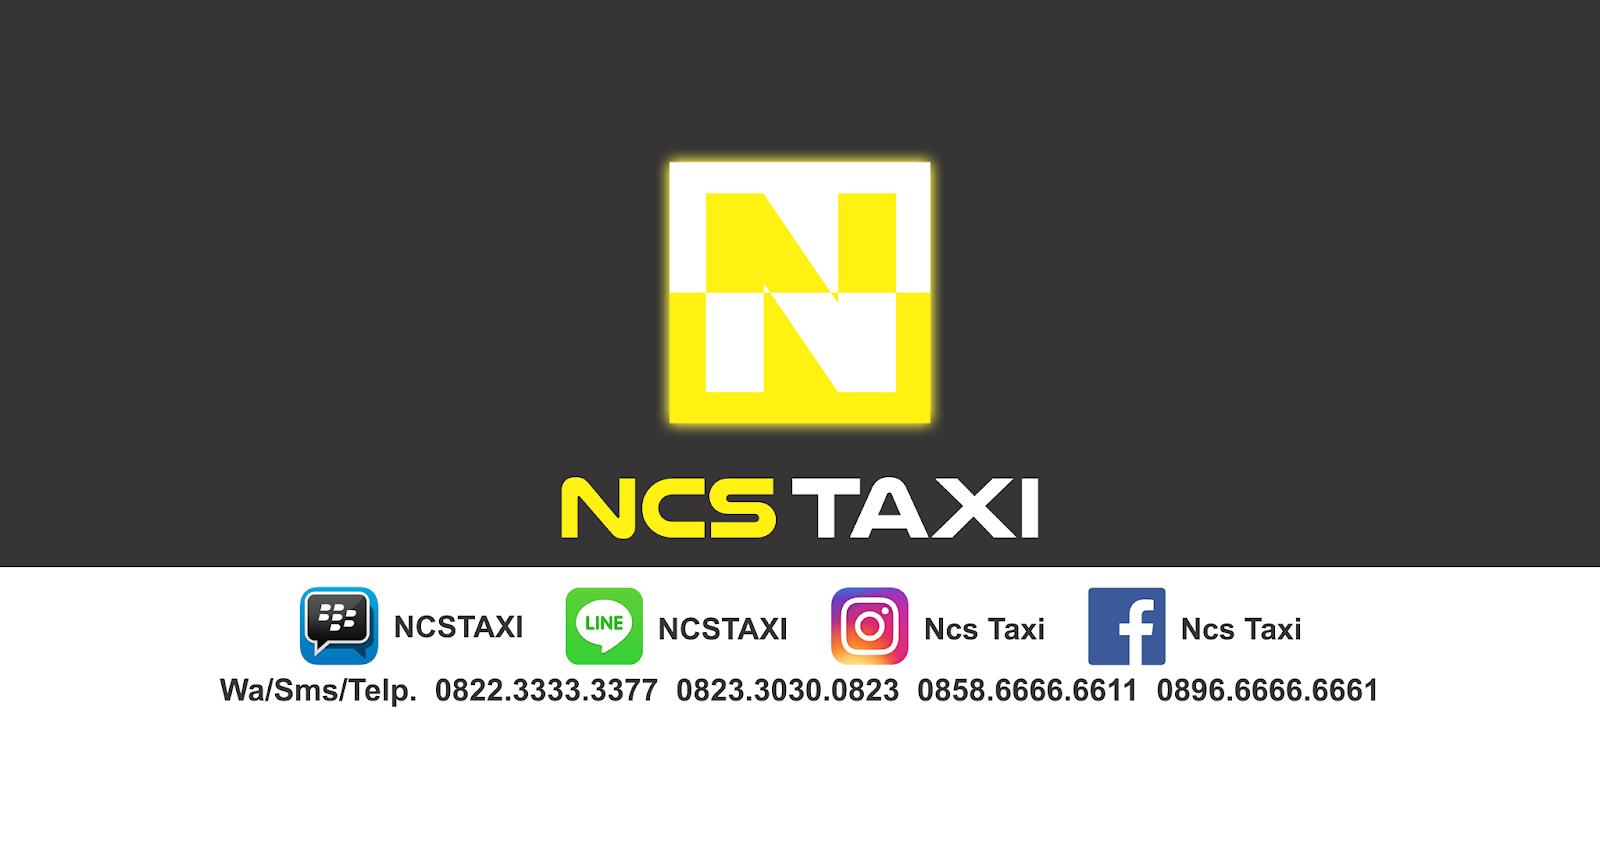 Ncs Taxi Jasa Antar Jemput Penumpang Pontianak Singkawang Ncs Taxi